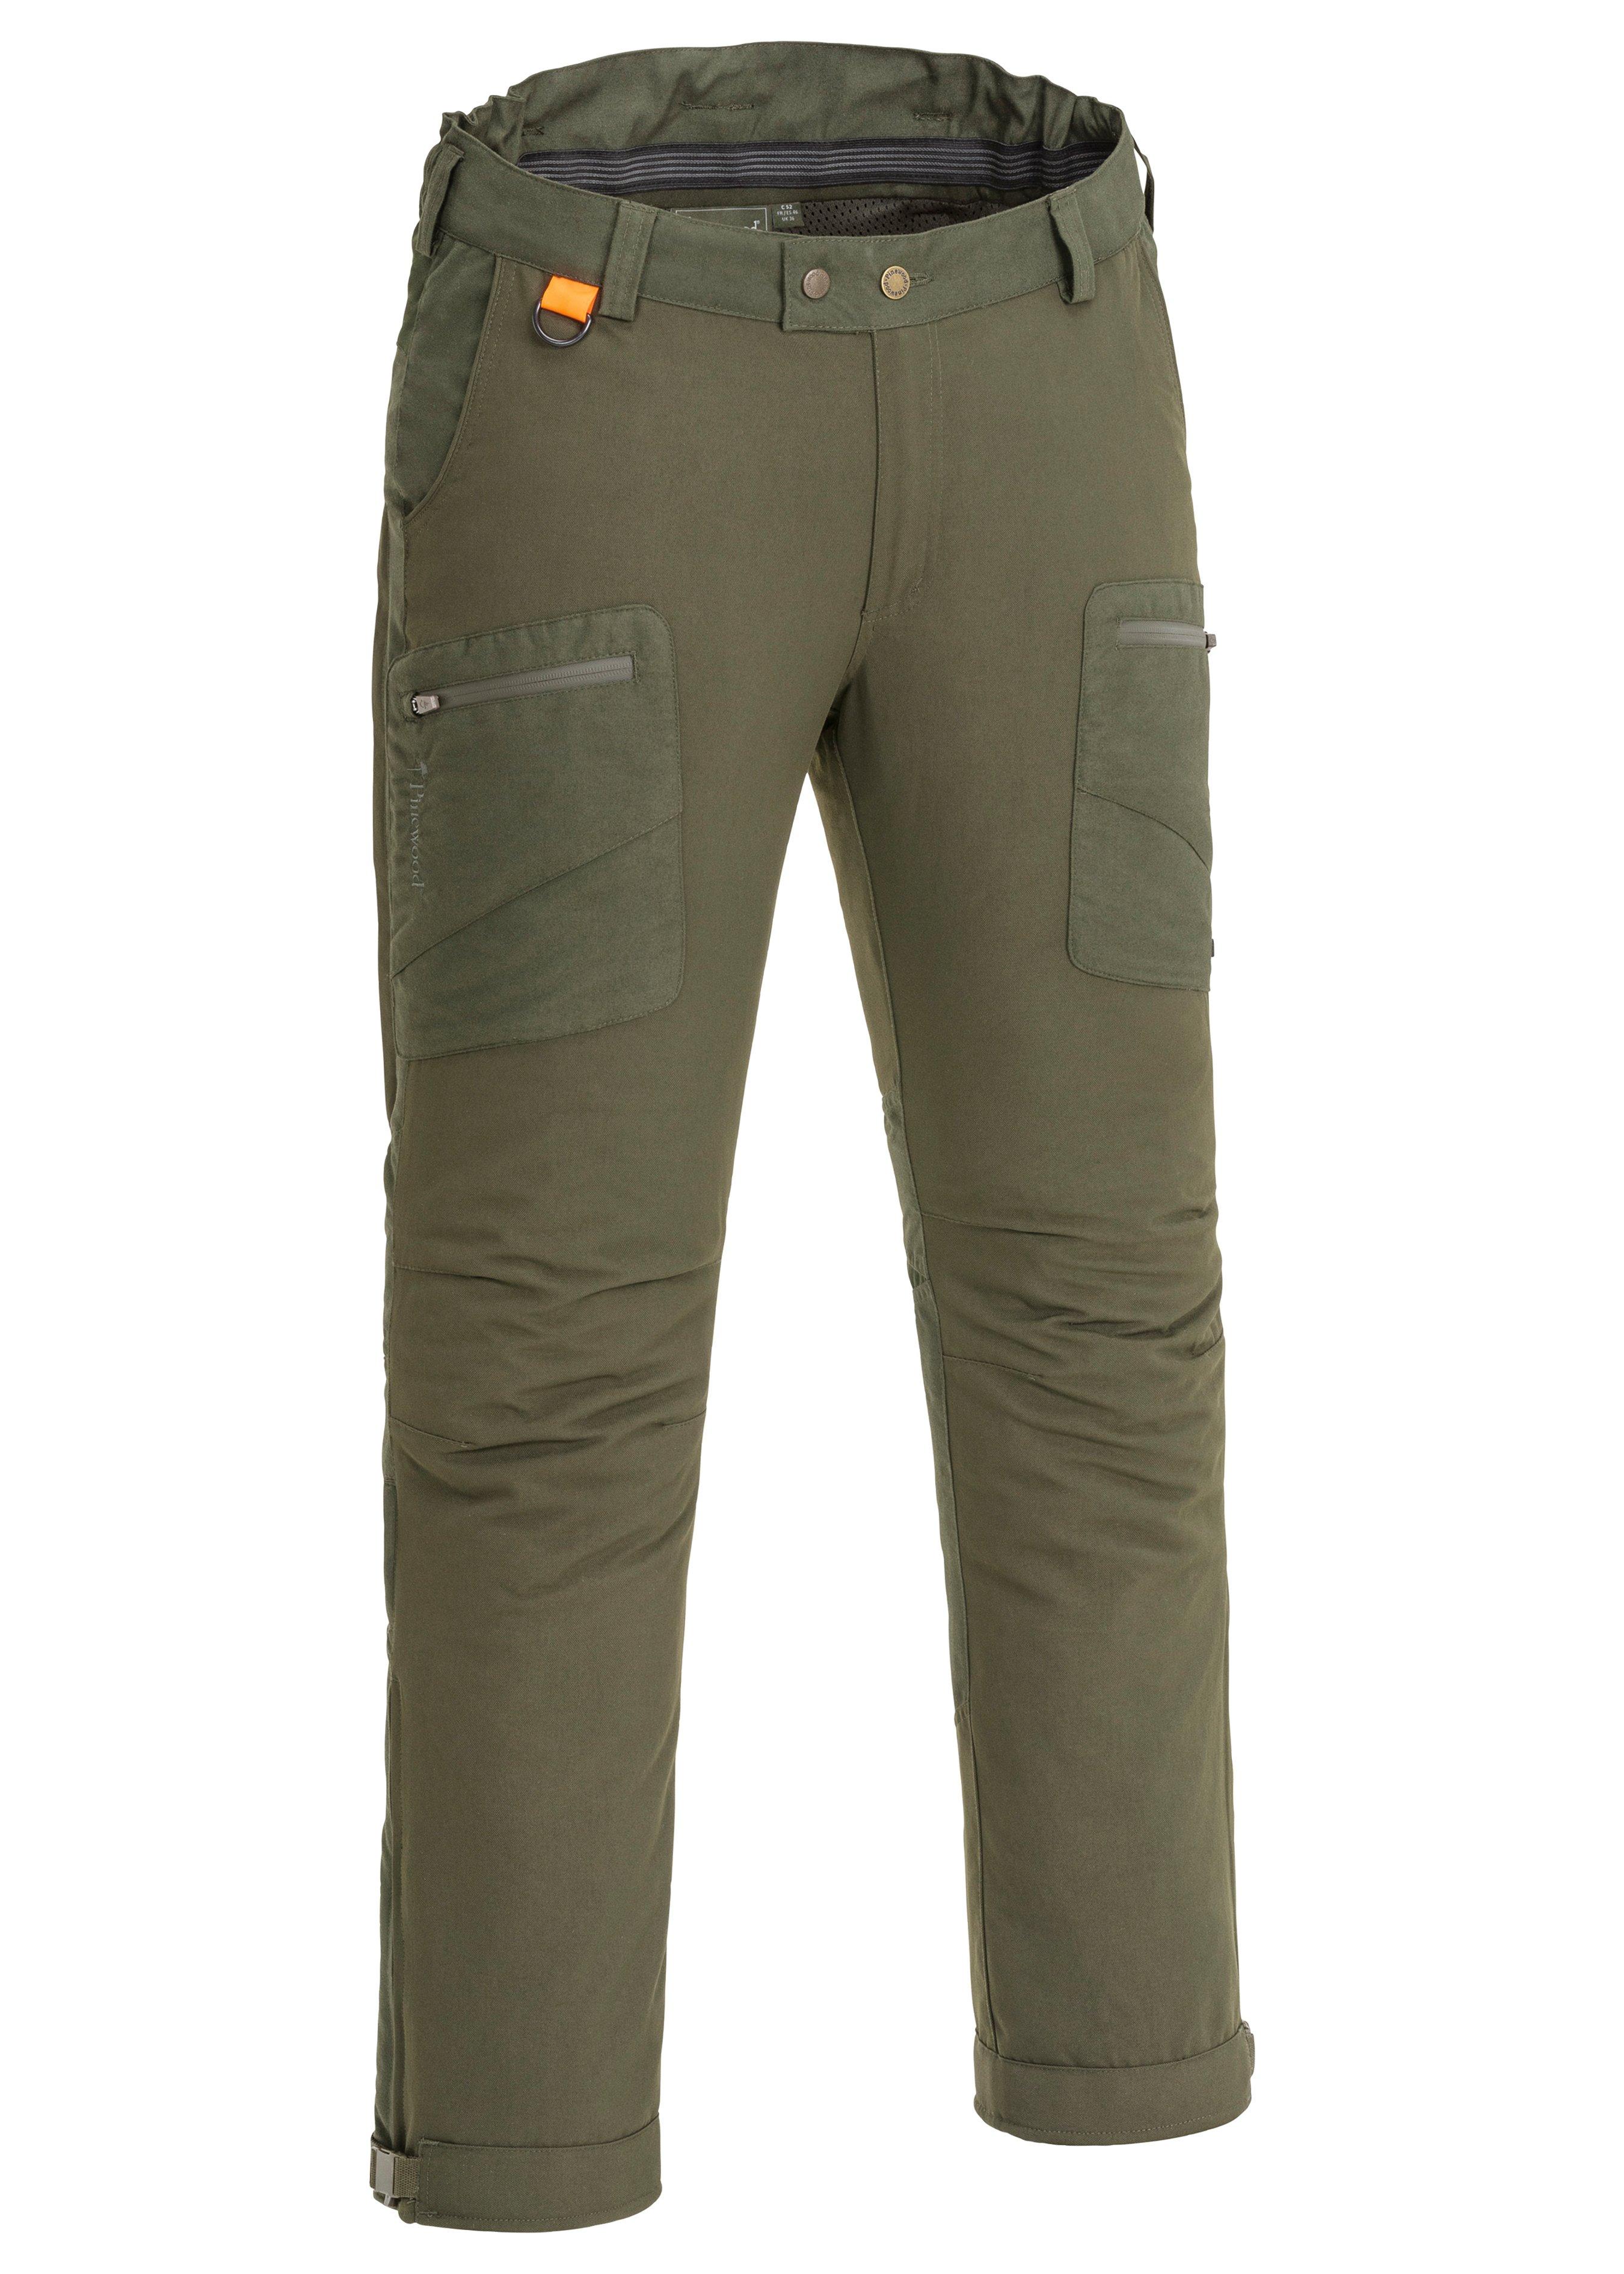 Pantalon de chasse Hunter Pro Extrem 2.0 (5891) 28392446 2